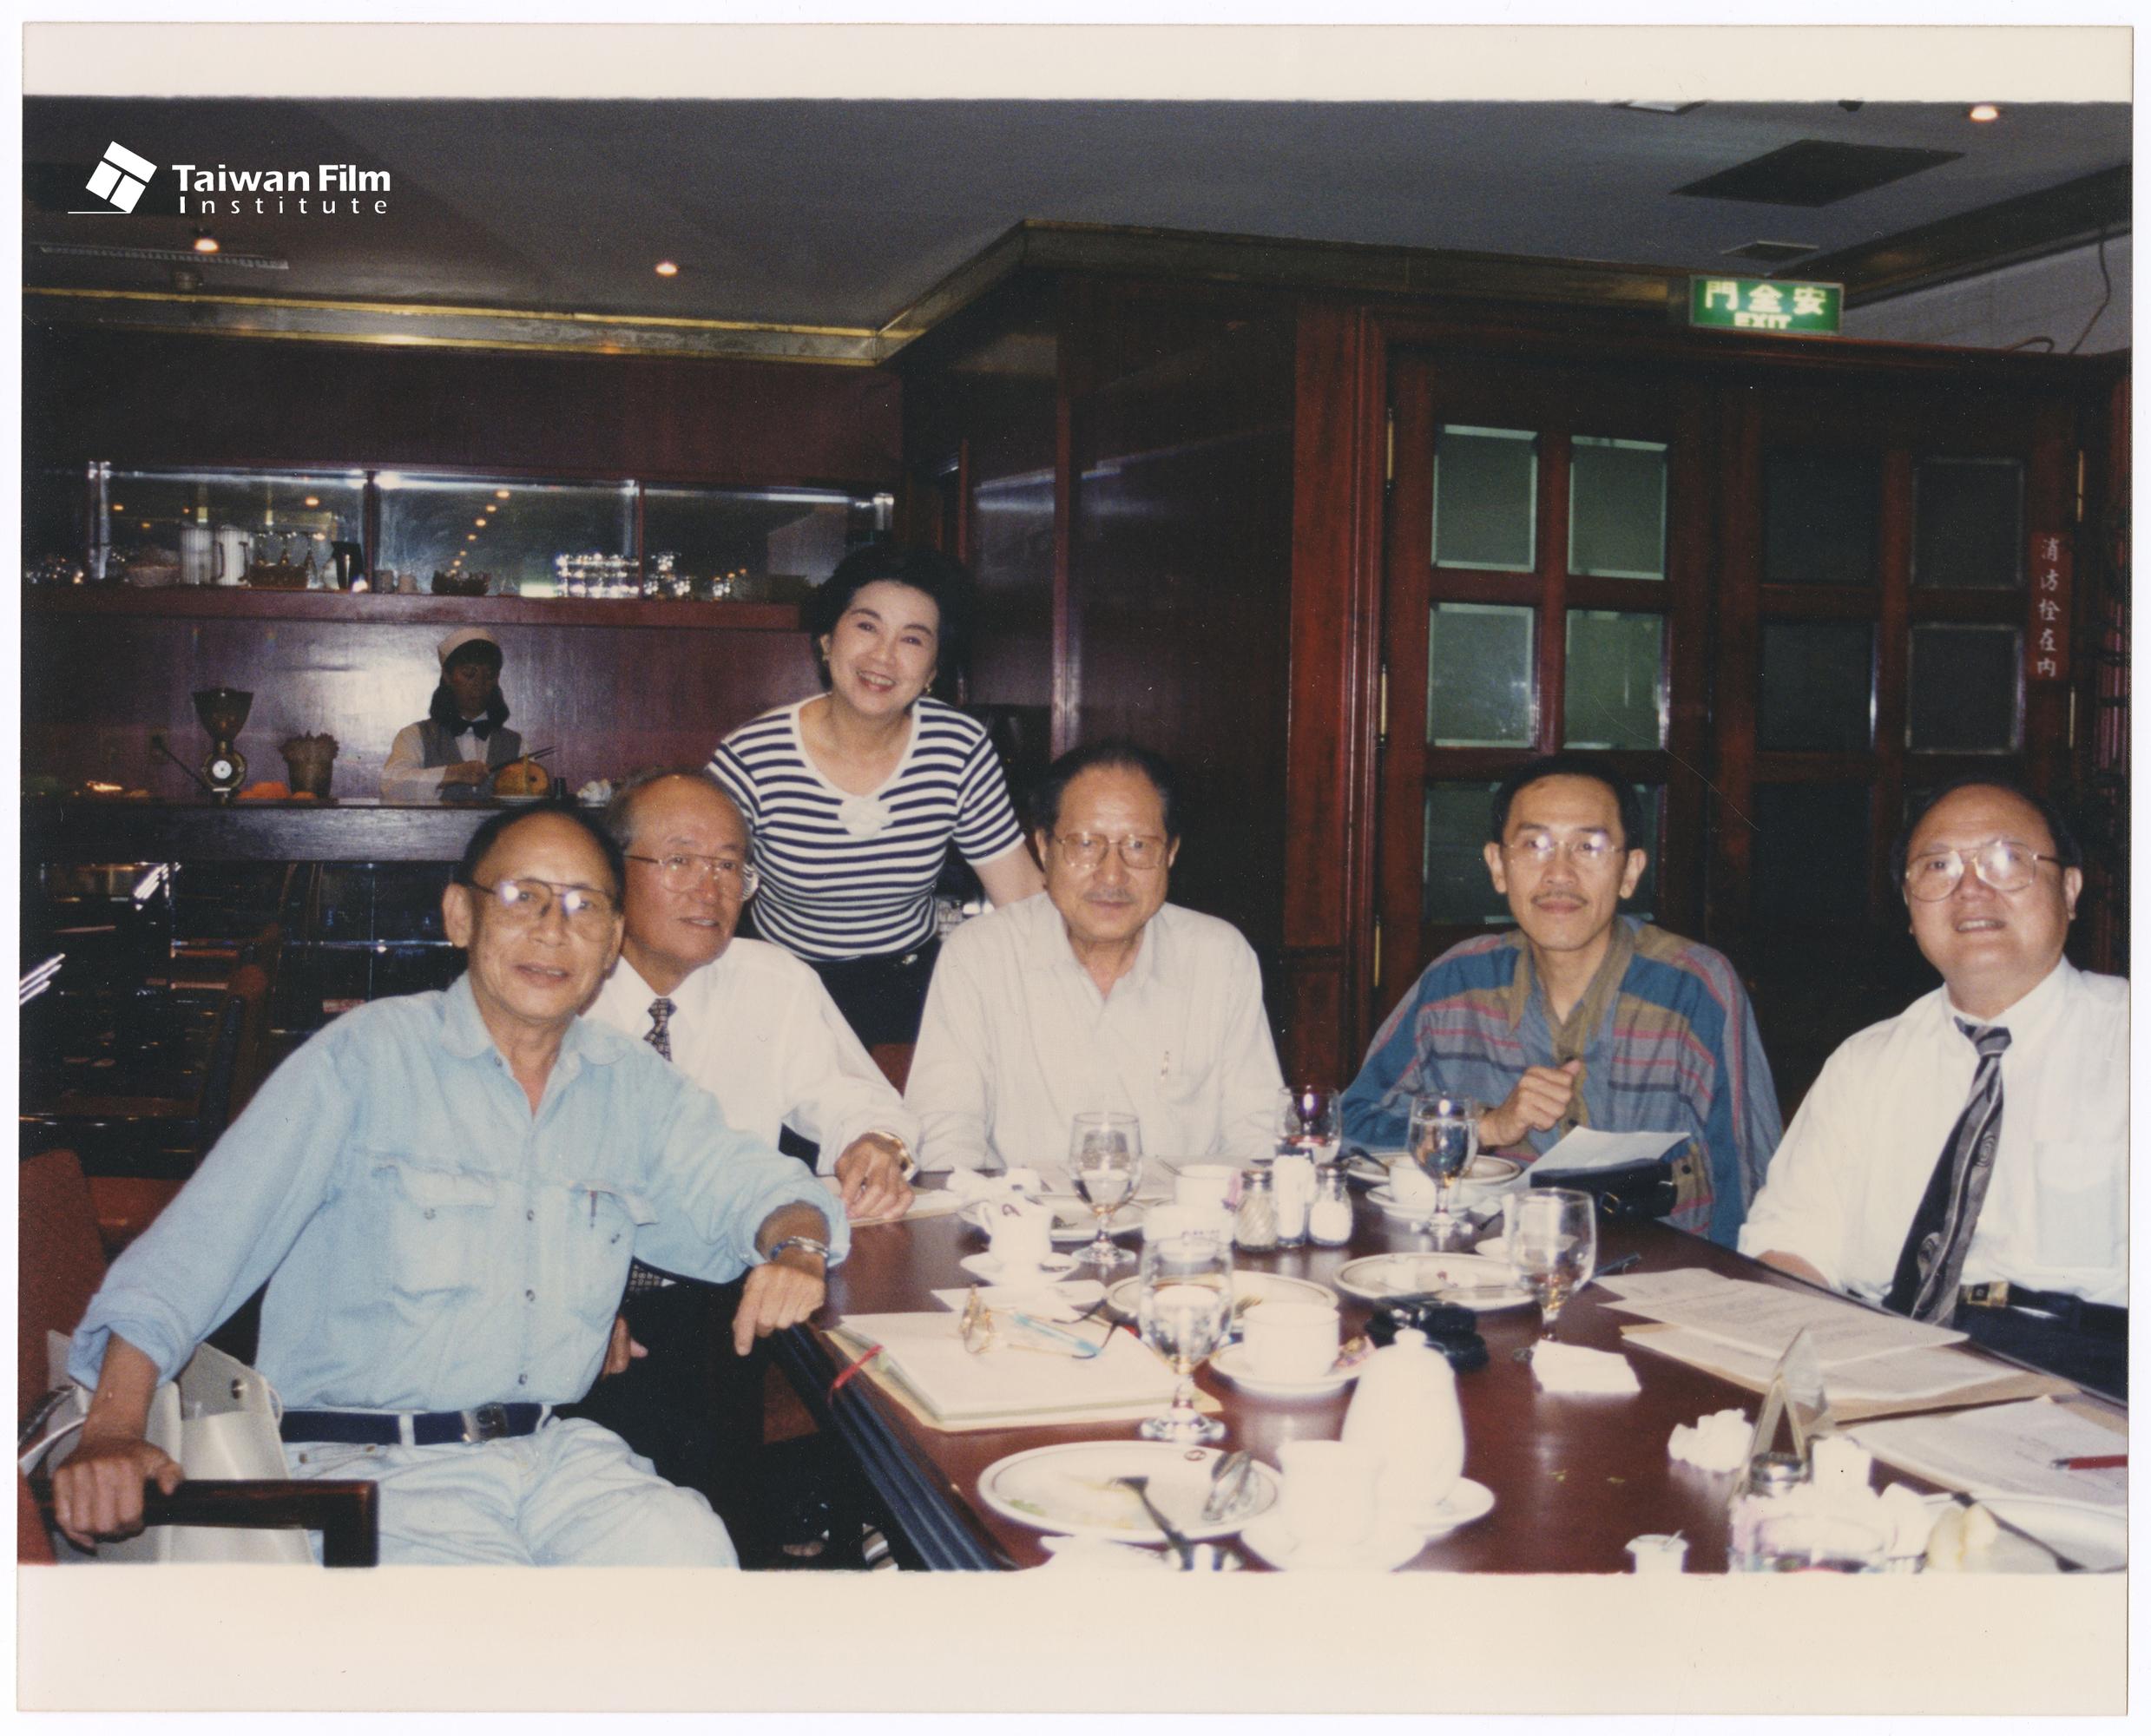 台灣影人協會聚會(左起曾仲影、奇峰、王滿嬌、辛奇、小戽斗、高仁河)